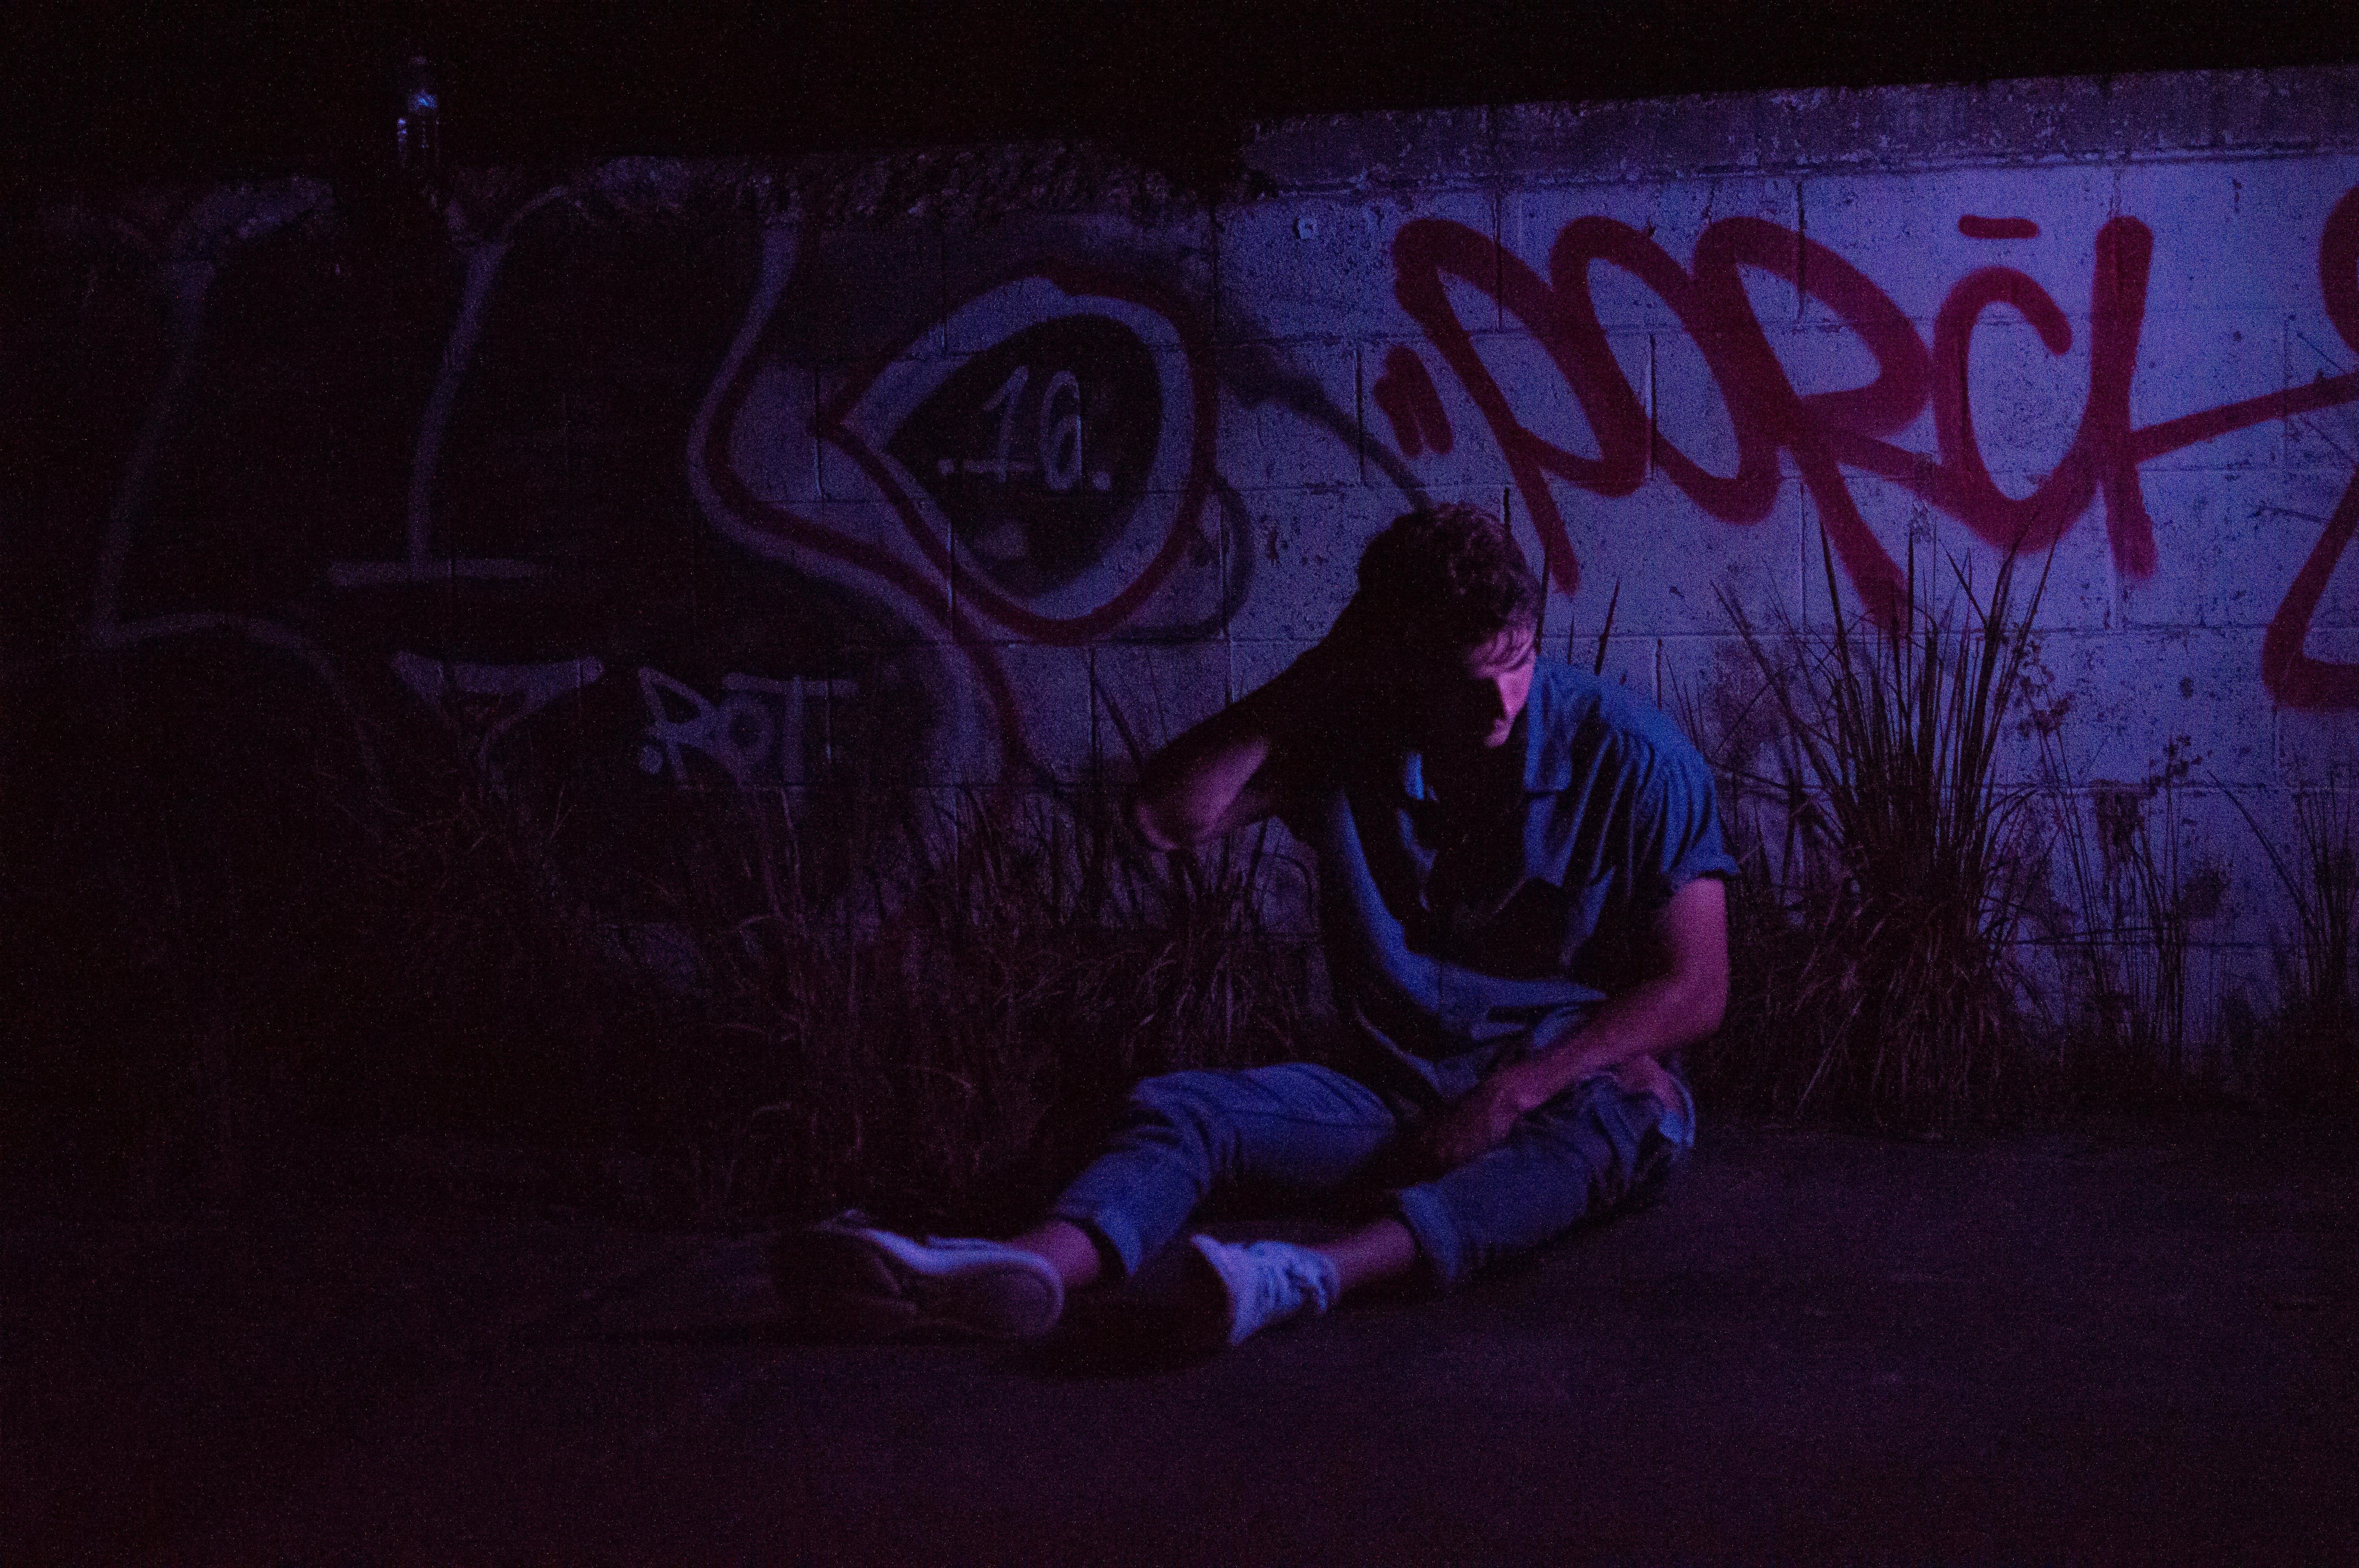 Free stock photo of color, concrete wall, graffiti, male